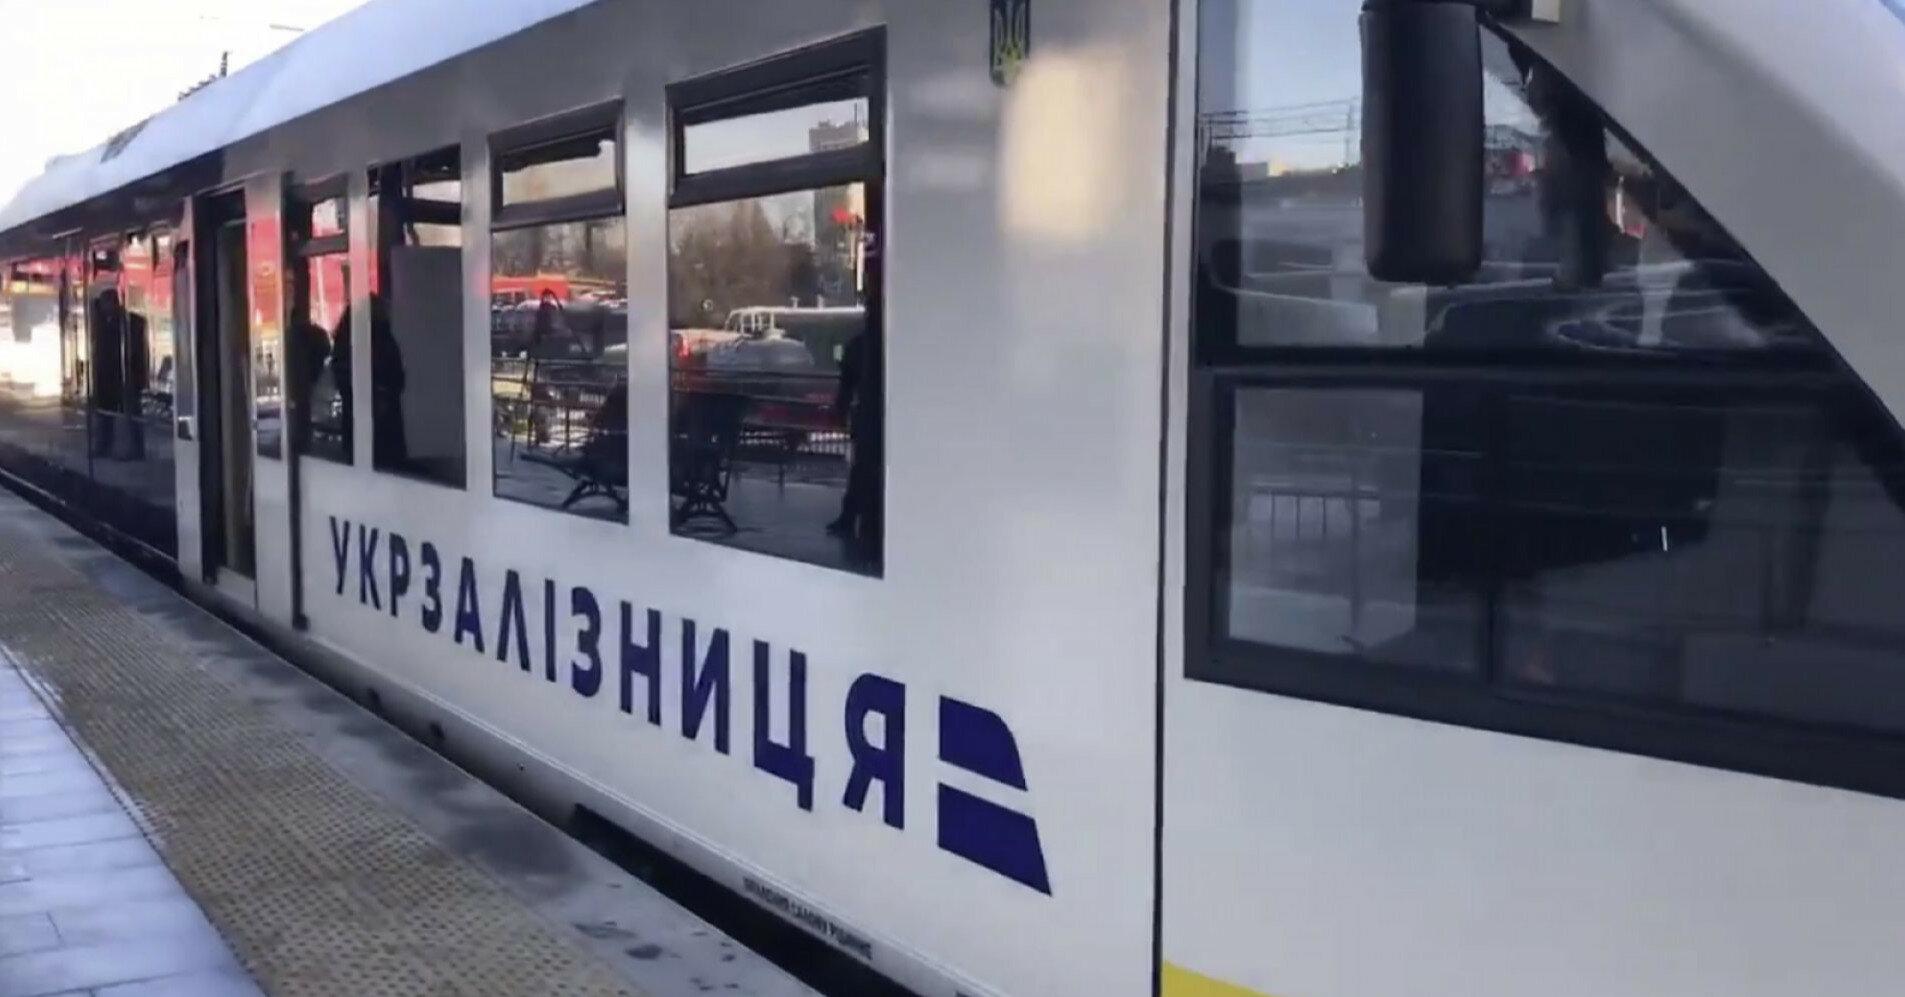 Укрзализныця отчиталась об убытках за квартал